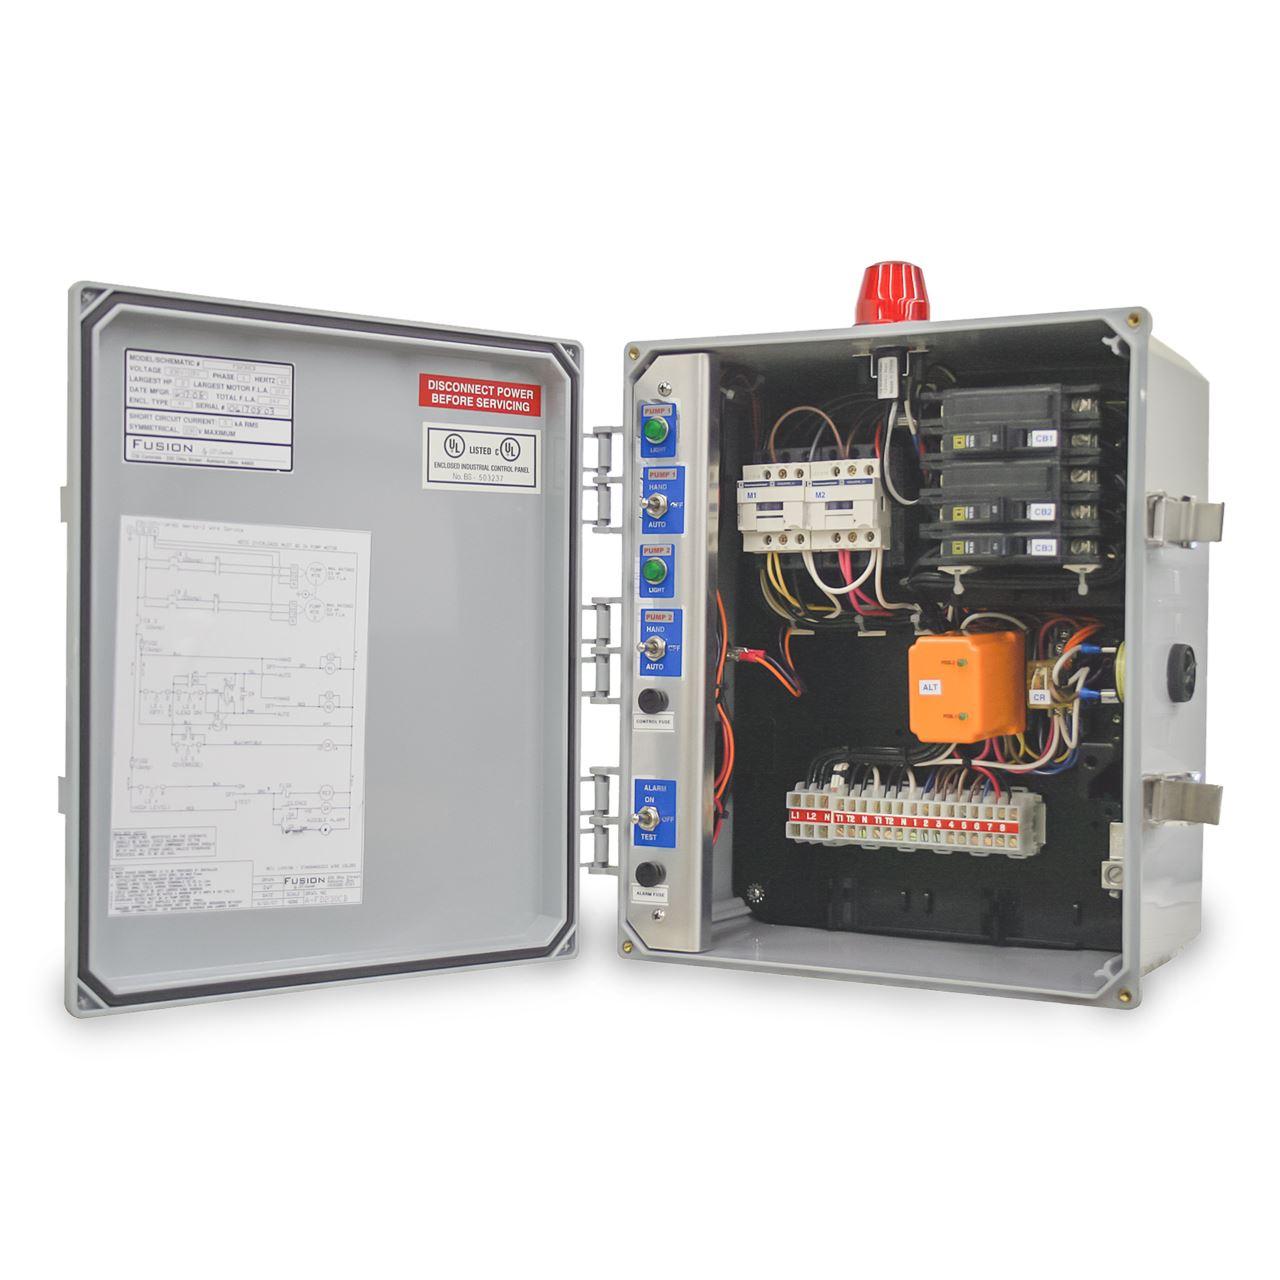 hight resolution of  diagram 87a jeep fuel pump relay csi controls csi controls fd230cb fc20 x fusion duplex pump panelcsi controls fd230cb fc20 x fusion